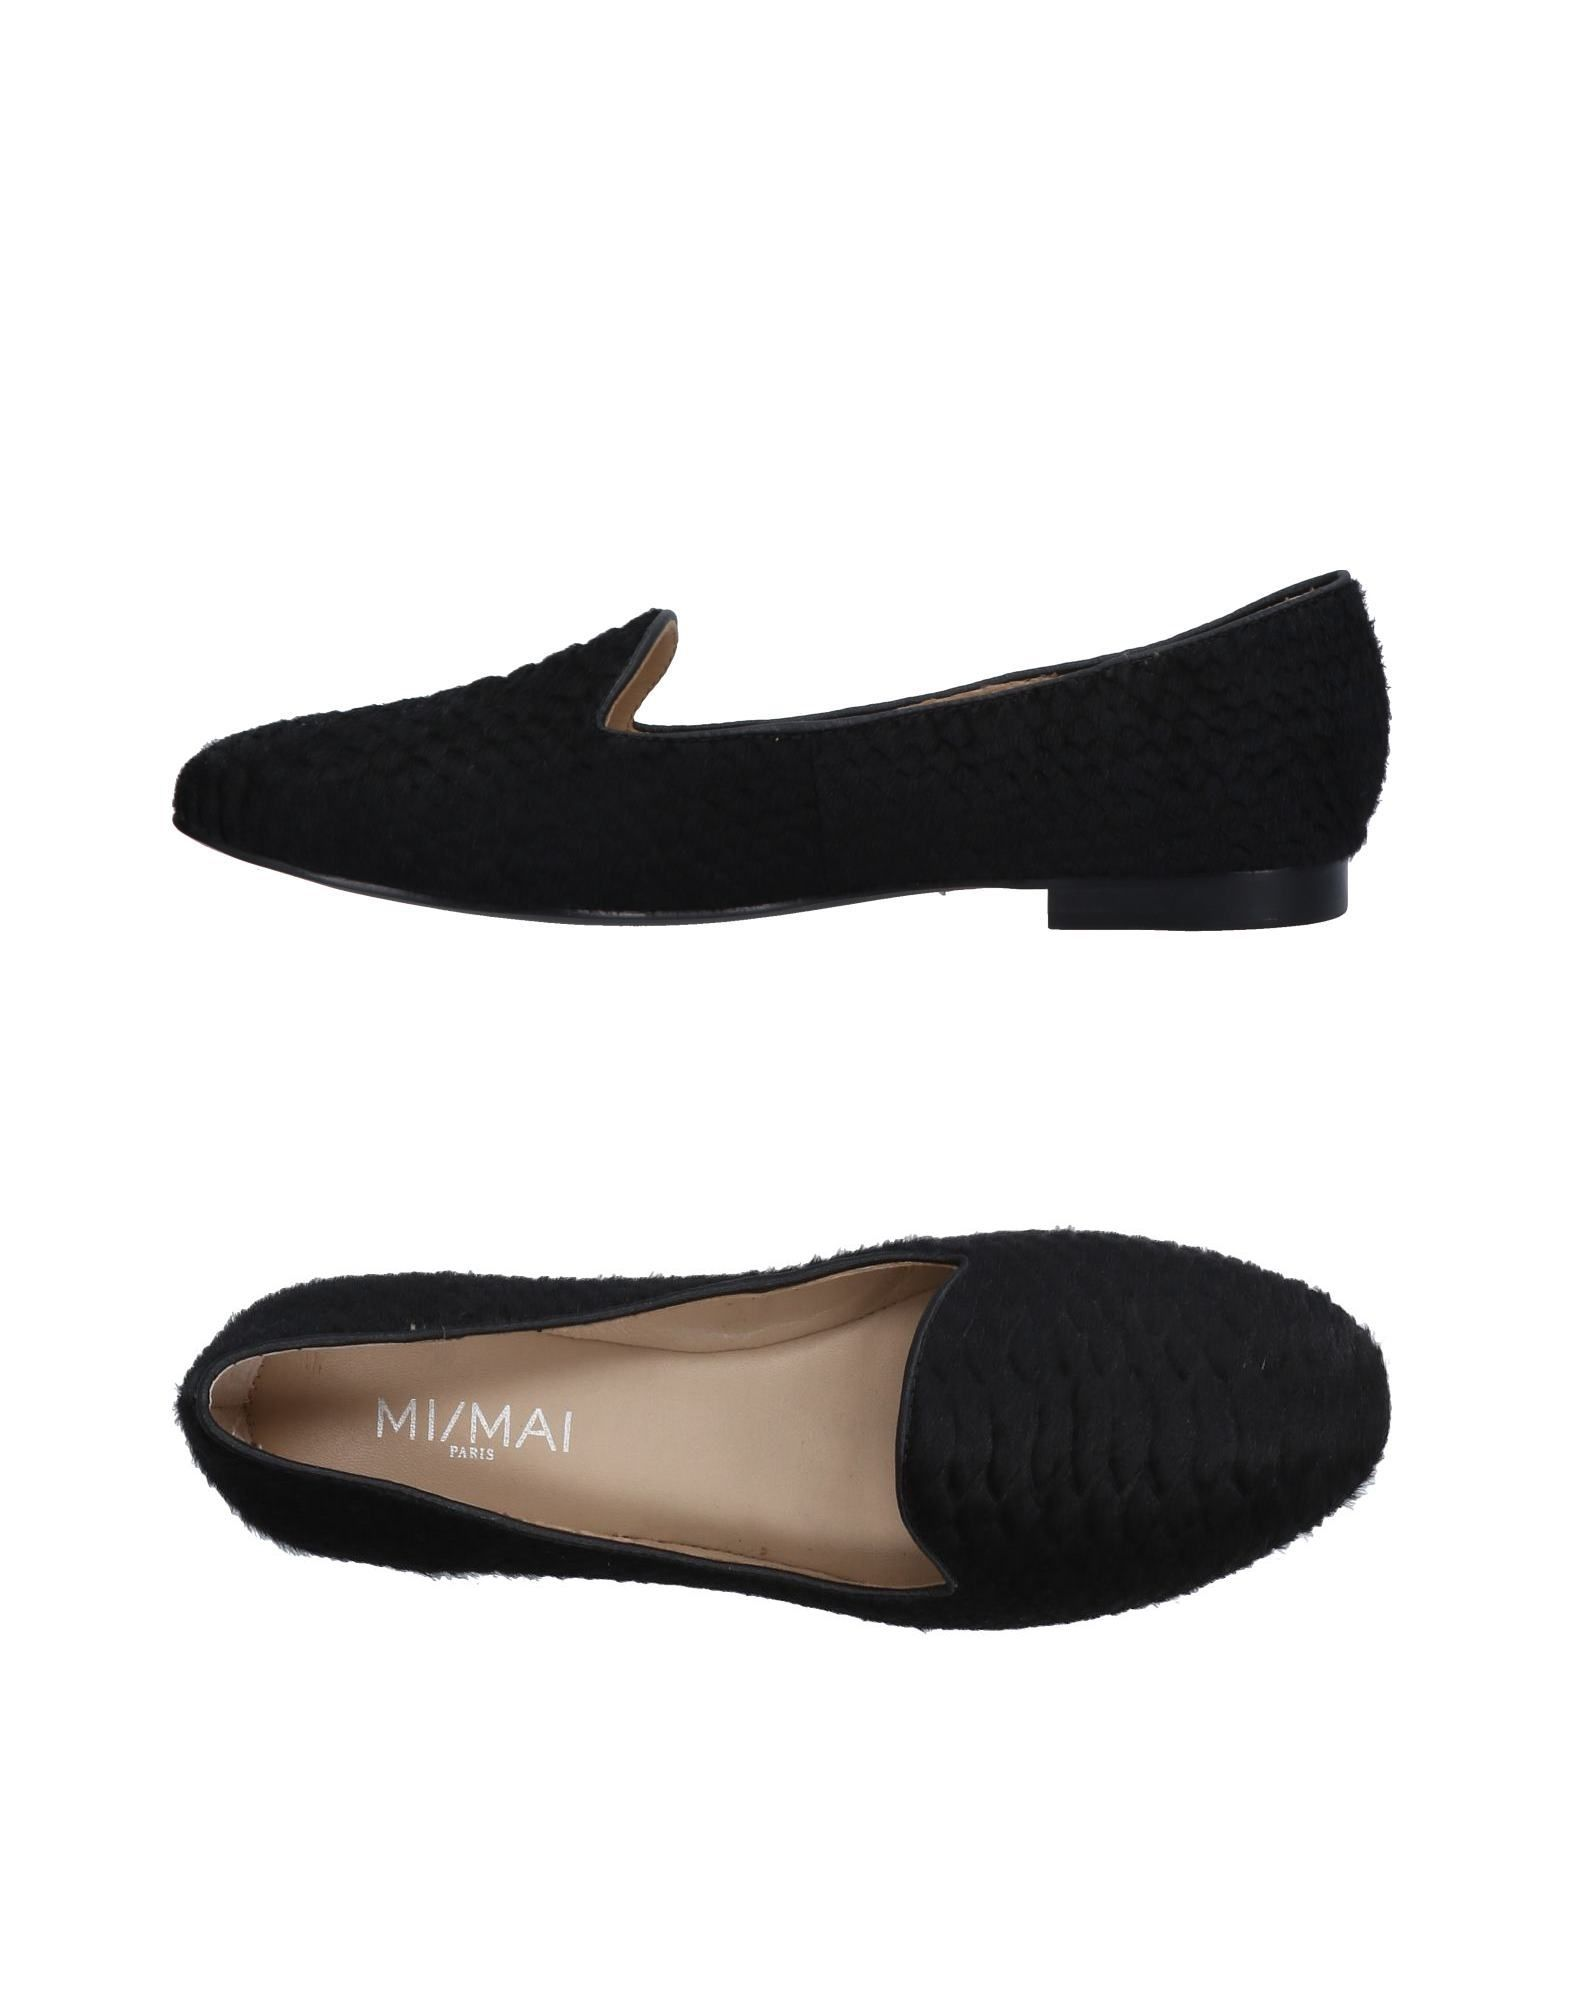 Mi/Mai beliebte Mokassins Damen  11506040MB Gute Qualität beliebte Mi/Mai Schuhe b38680